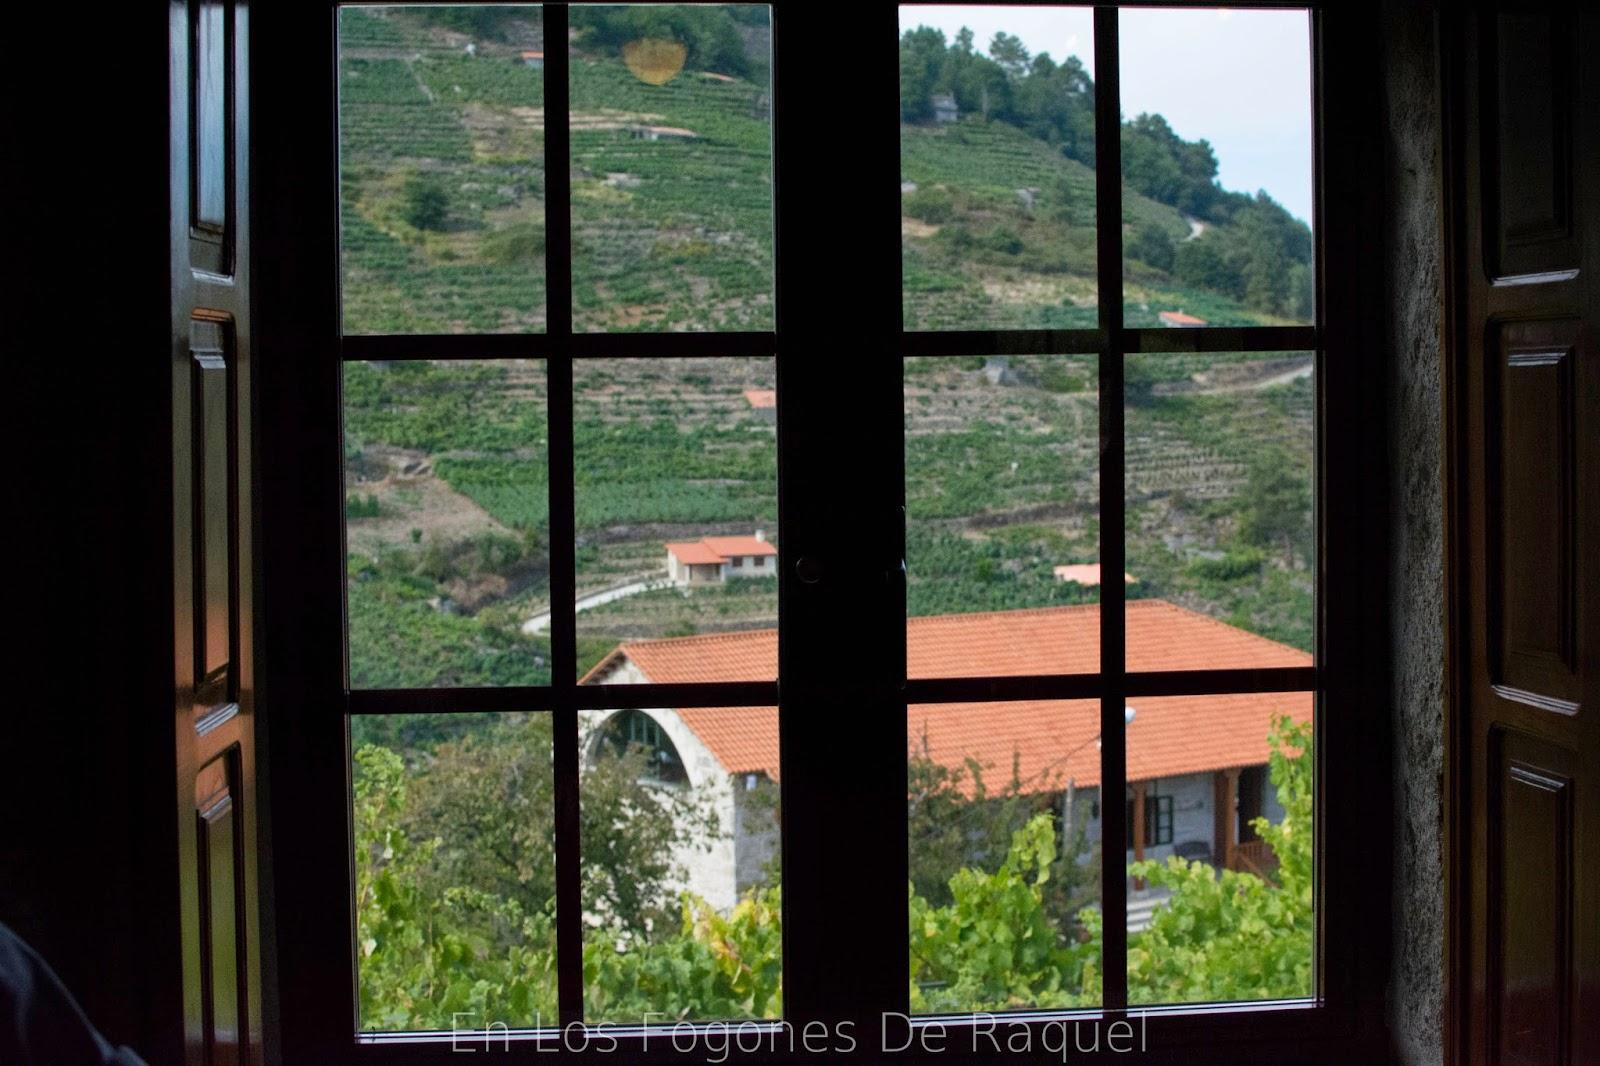 http://enlosfogonesderaquel.blogspot.com.es/2014/10/ribeira-sacra-galicia.html